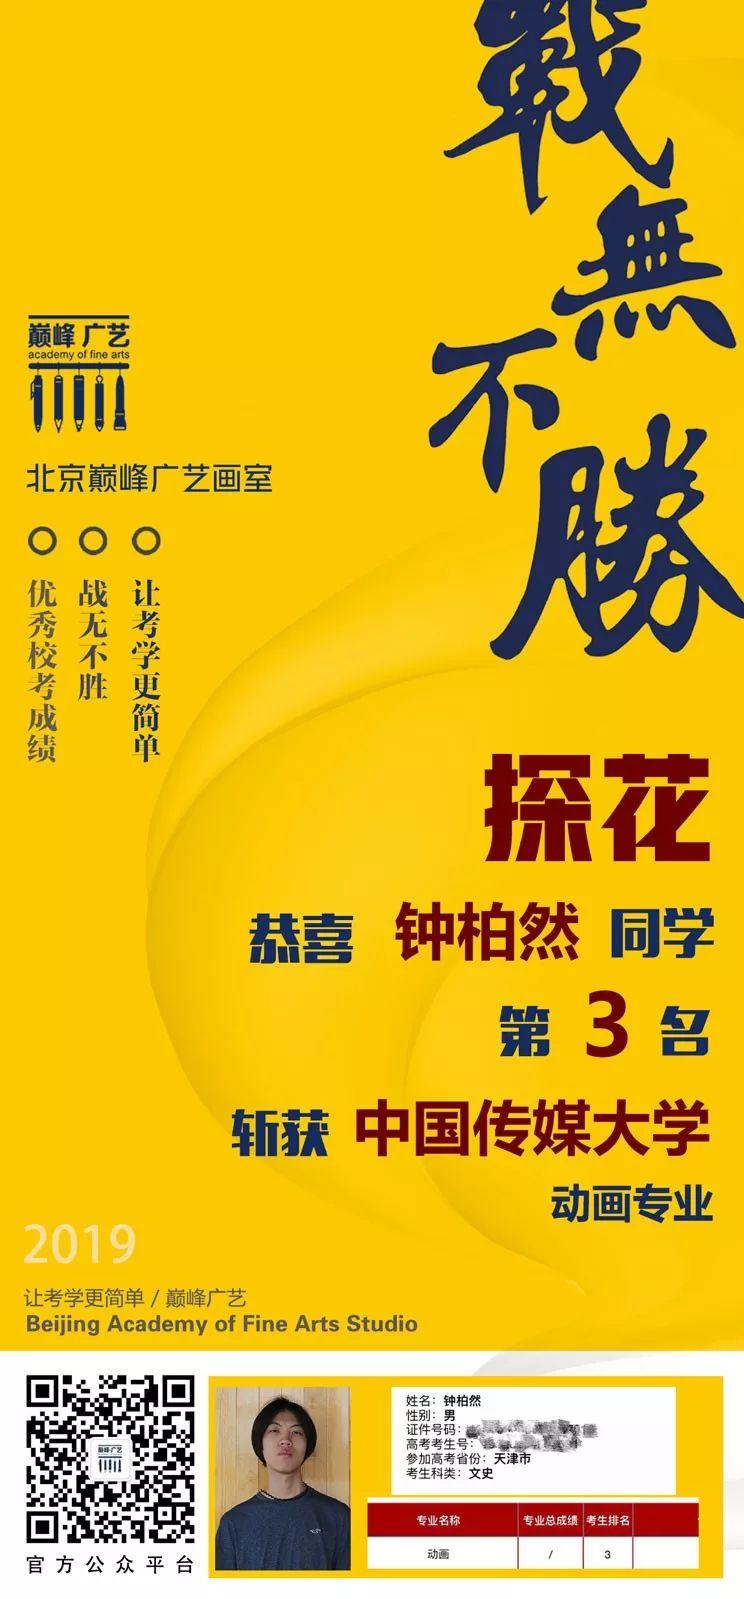 中国传媒大学,北京电影学院,中央戏剧学院,北京巅峰广艺画室       11